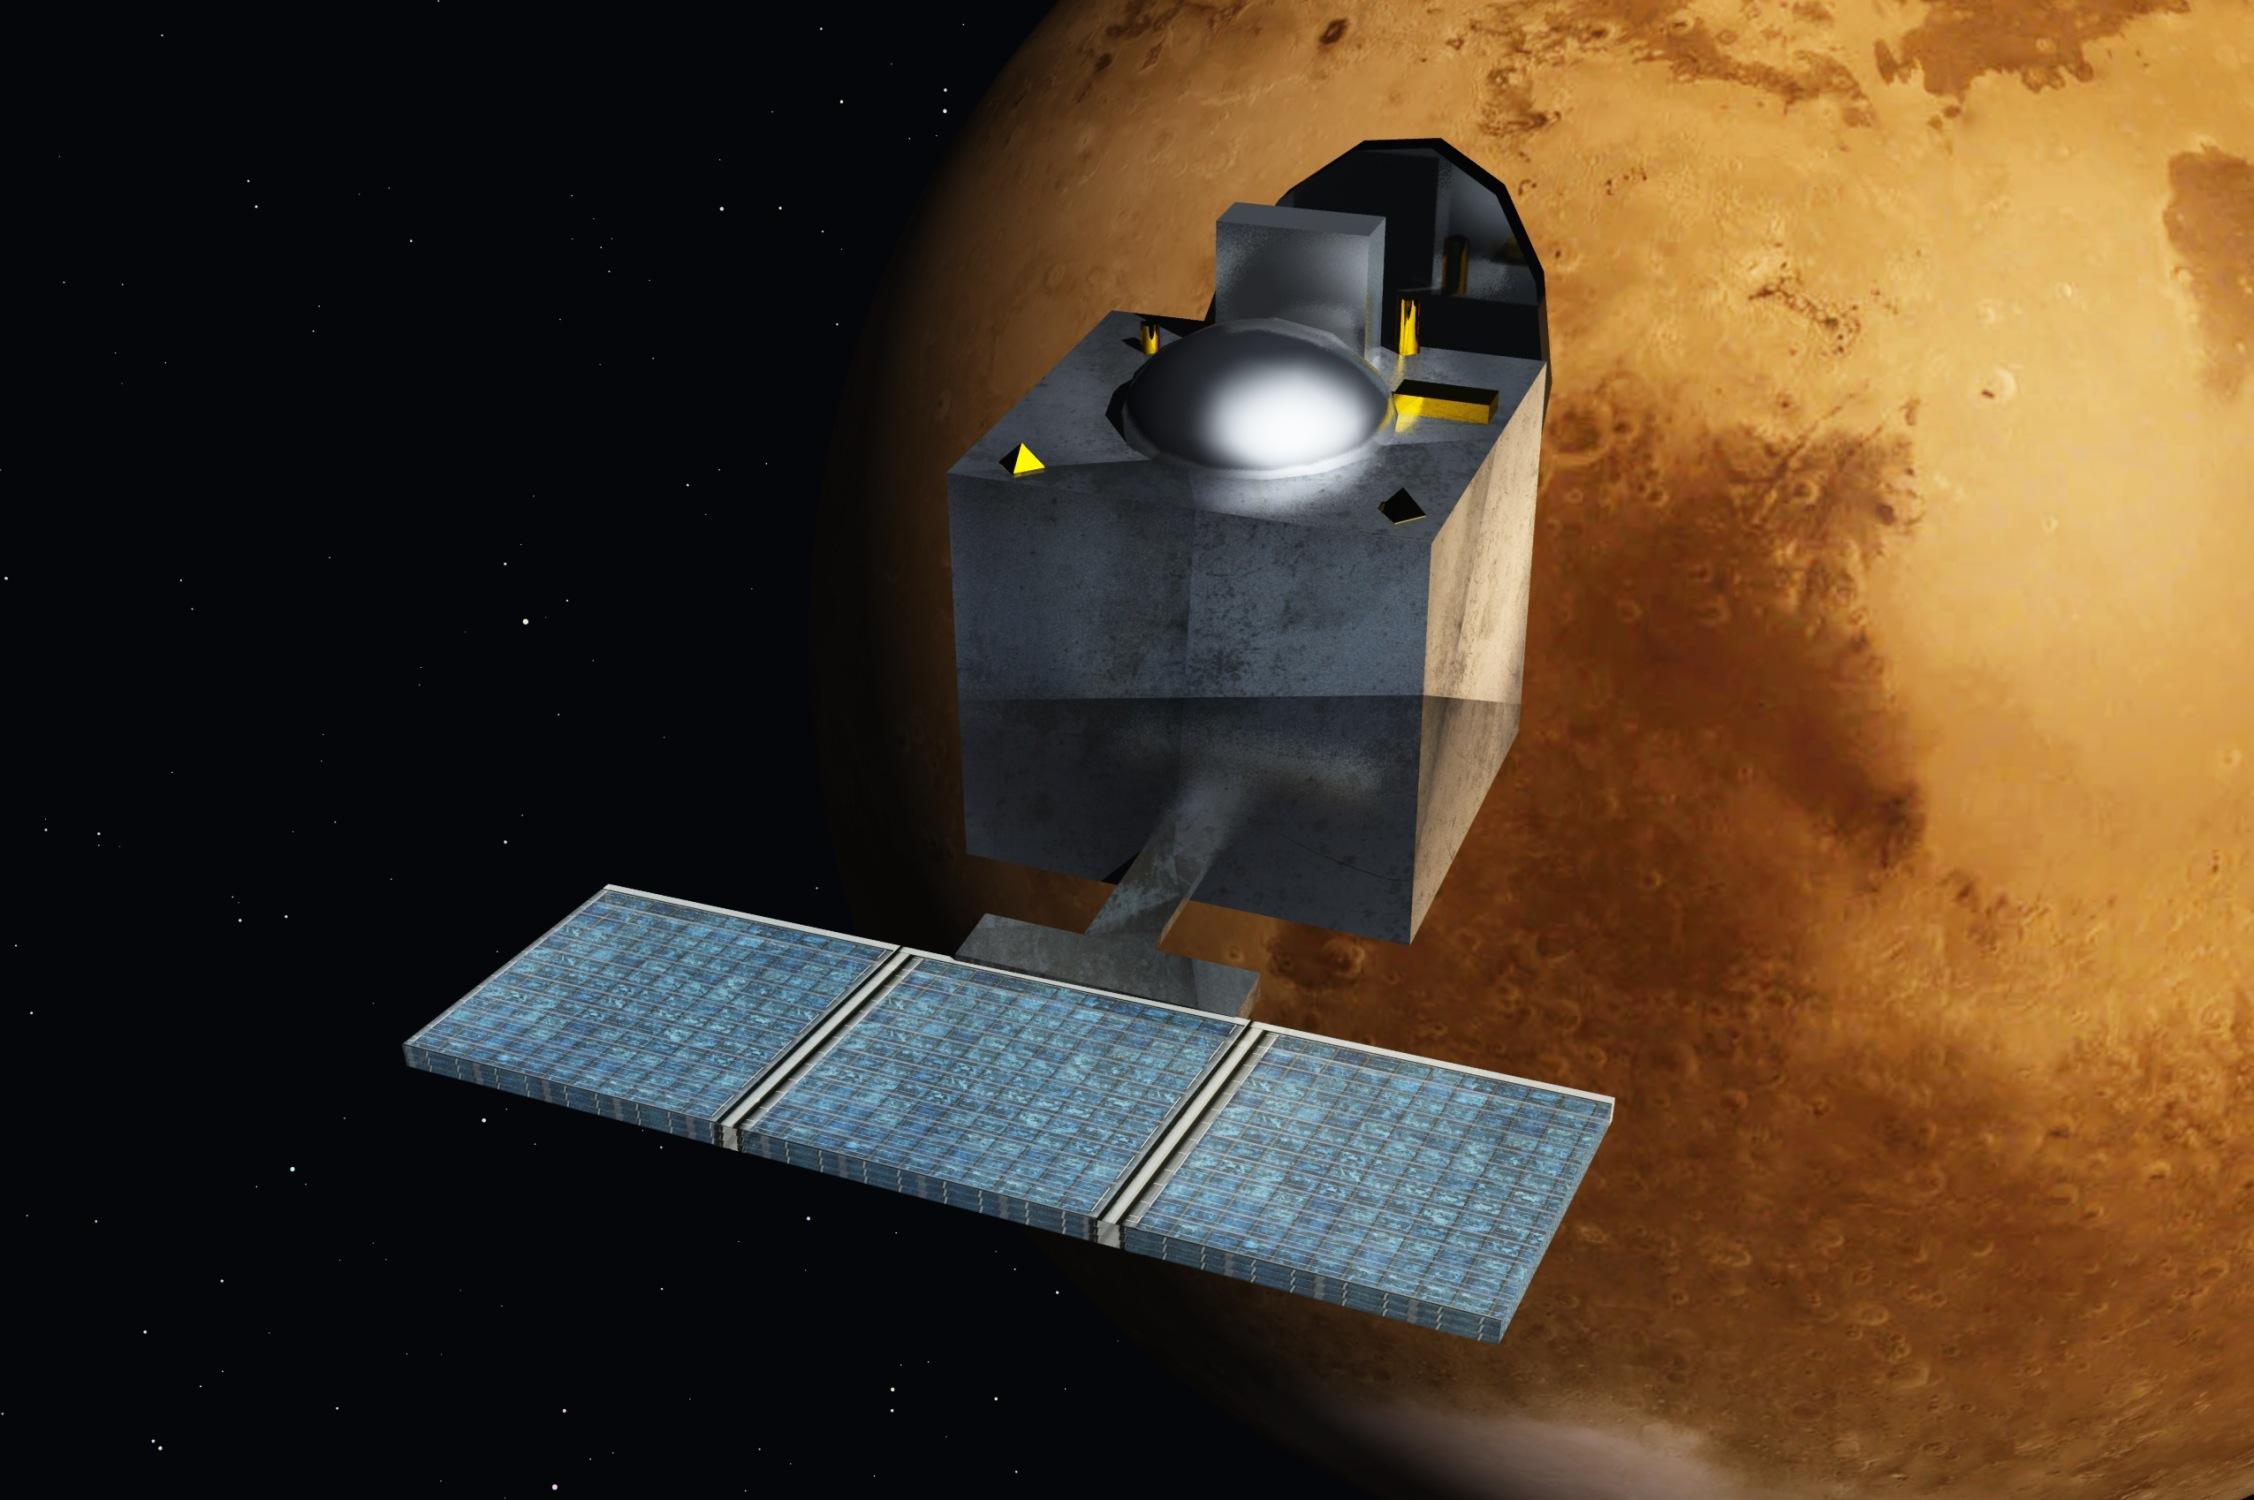 Concepção artística da MOM, primeira missão indiana a Marte.